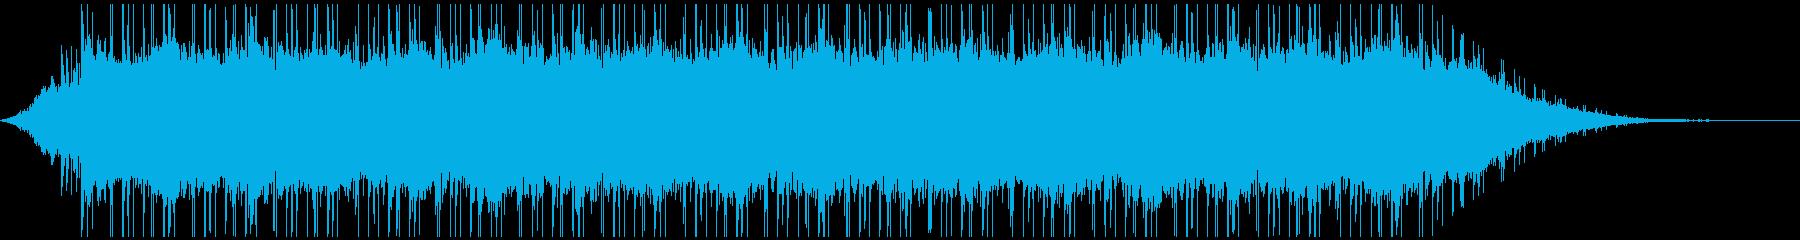 ラウンジ向きのゆったりしたピアノBGM2の再生済みの波形